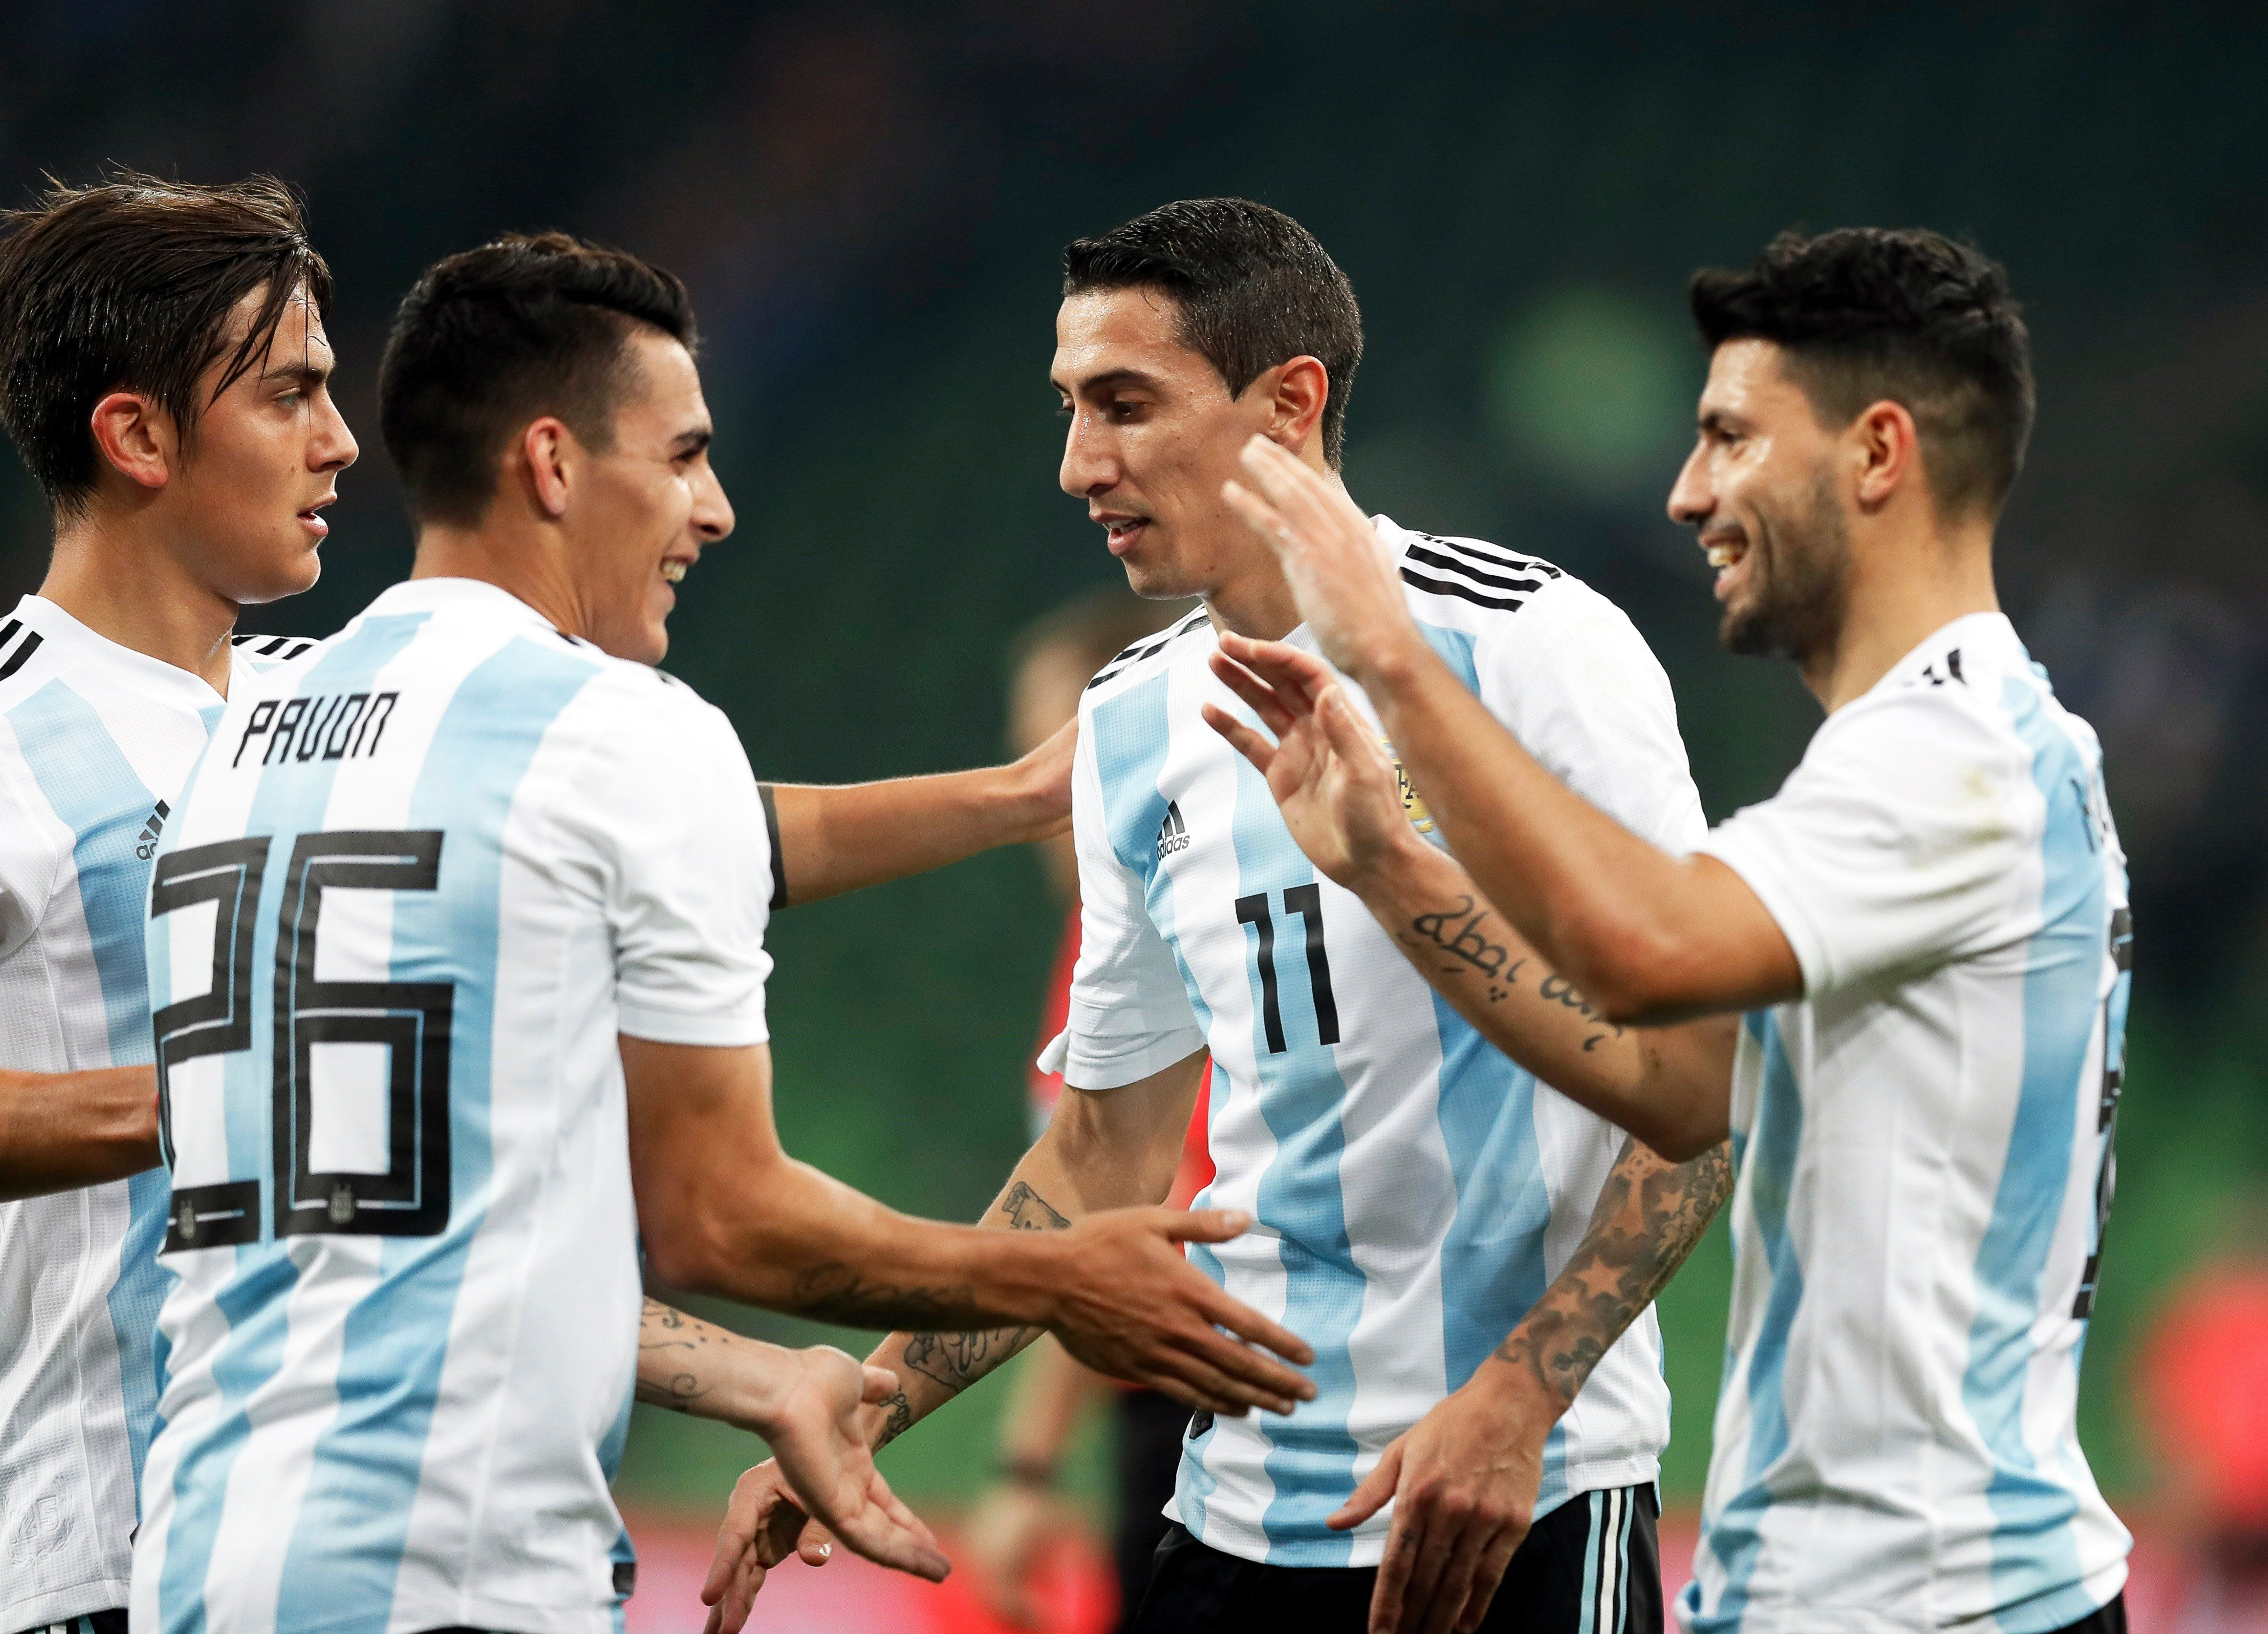 El Kun Agüero superó a Crespo y es el tercer goleador histórico de la Selección